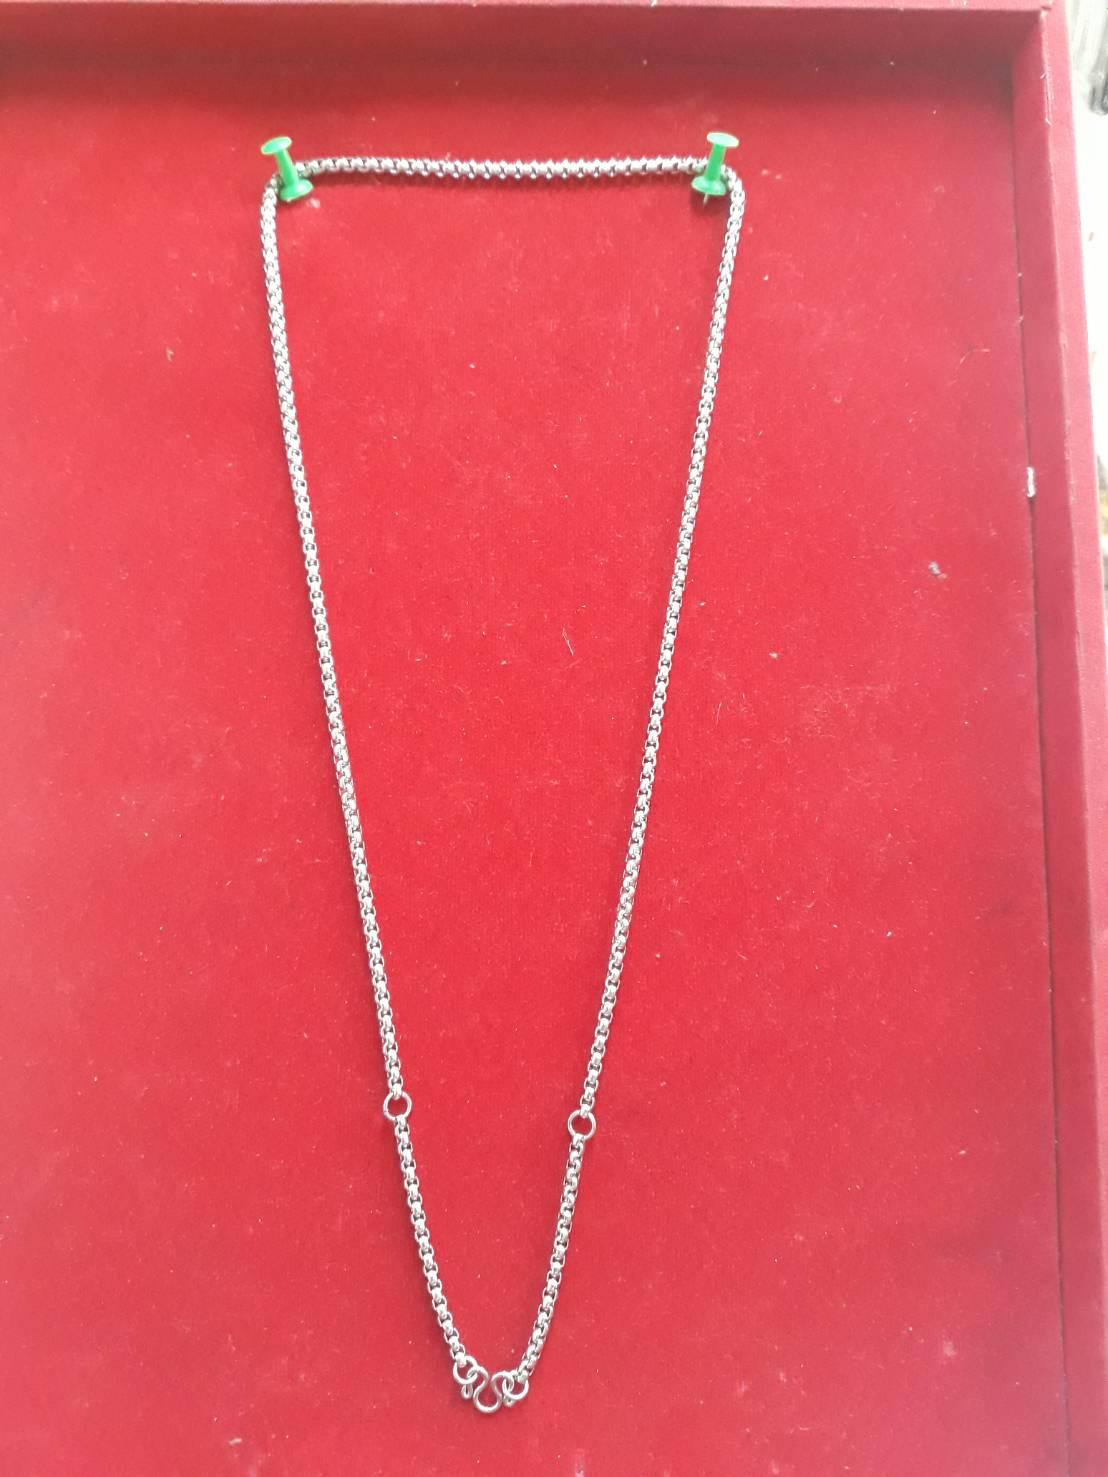 สร้อยแสตนเลส ห้อยพระ 3 องค์ ความยาวรอบ 26 นิ้ว stanless neckless อุปกรณ์